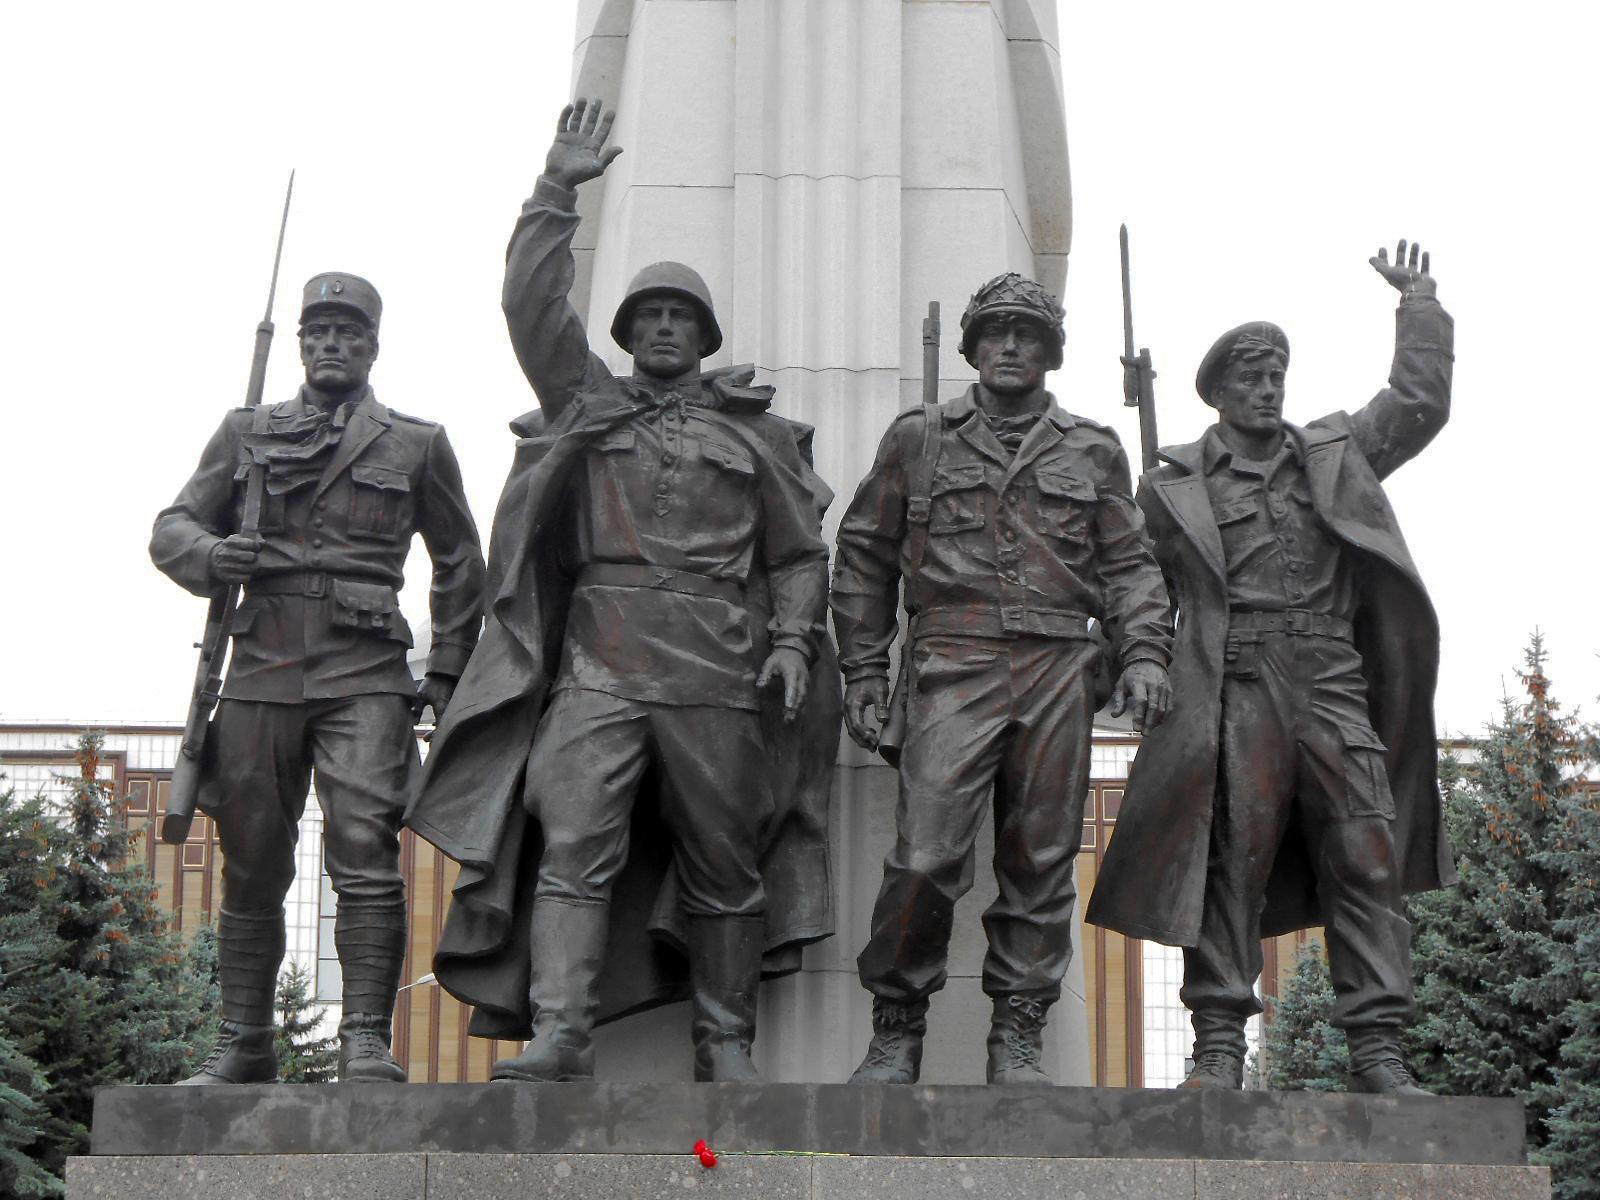 A Hitler-ellenes koalíció résztvevőinek emlékműve a moszkvai, Győzelem Parkban (a szerző felvétele)